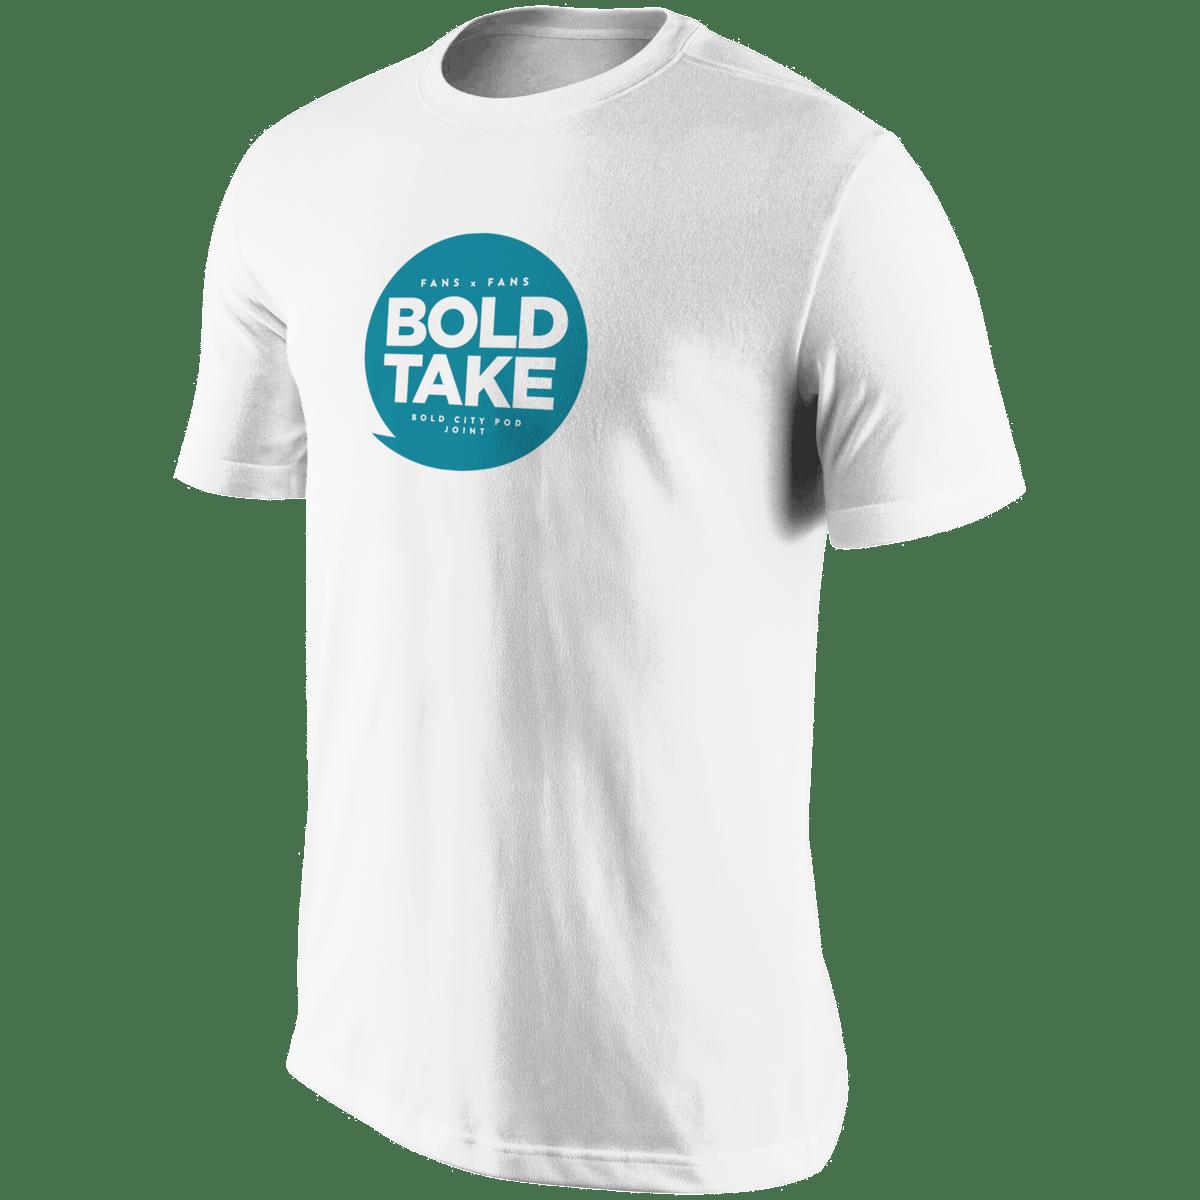 Image of Bold Take tee